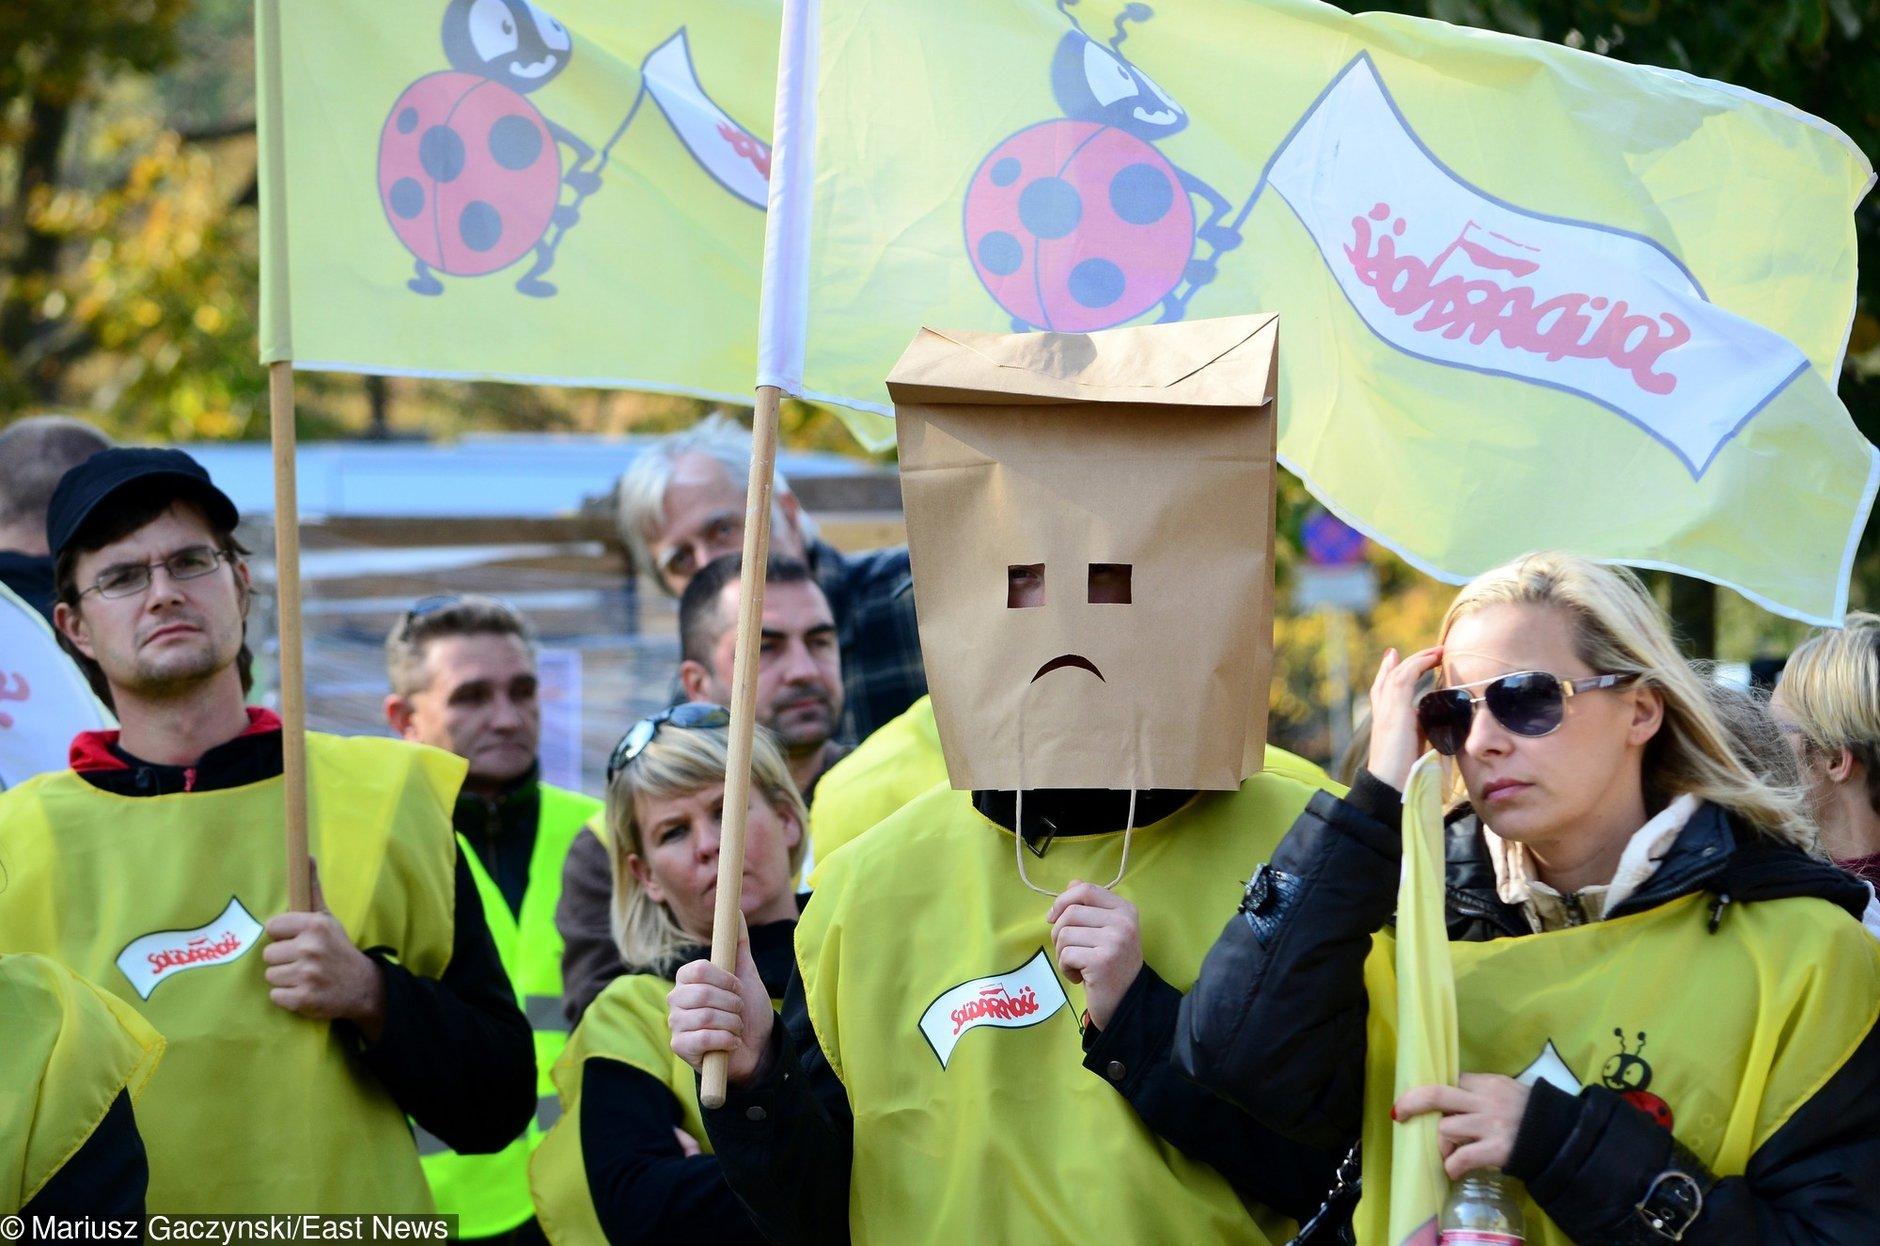 Zakaz handlu. Związkowcy z Biedronki walczą o wolne i idą do inspekcji pracy